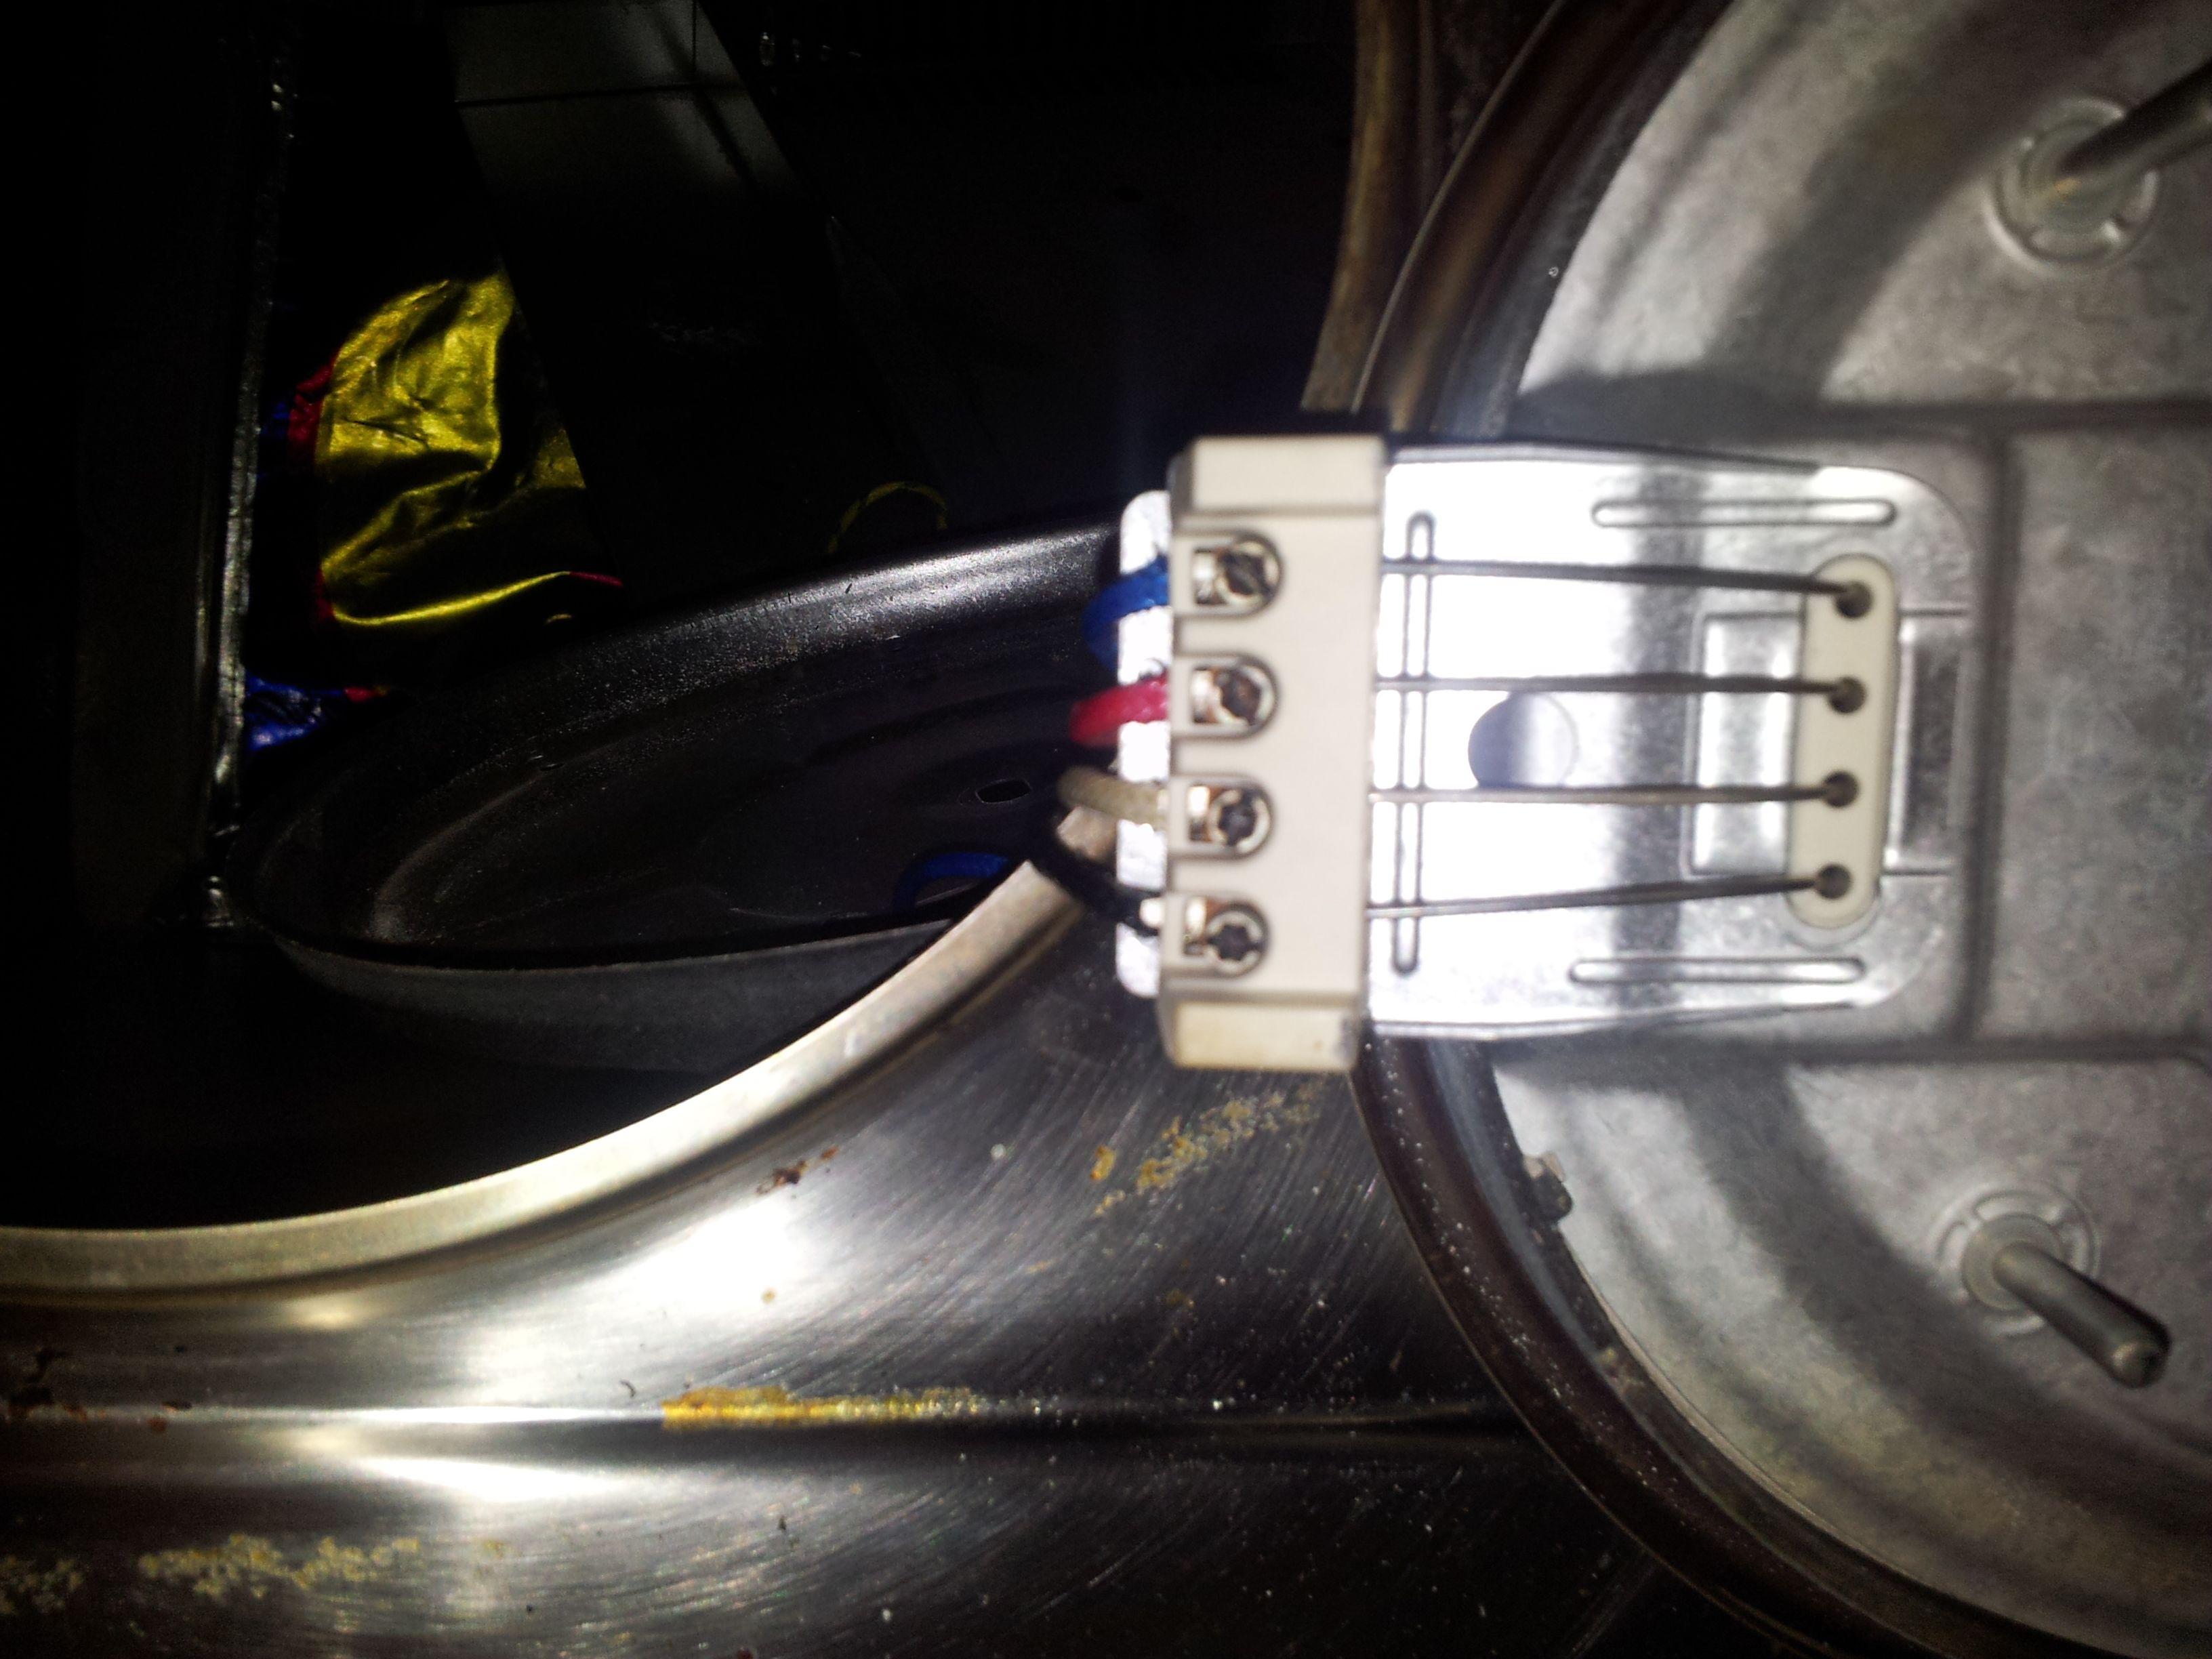 Demonter Plaque De Cuisson Electrique plaque electrique et disjoncteur qui saute :/